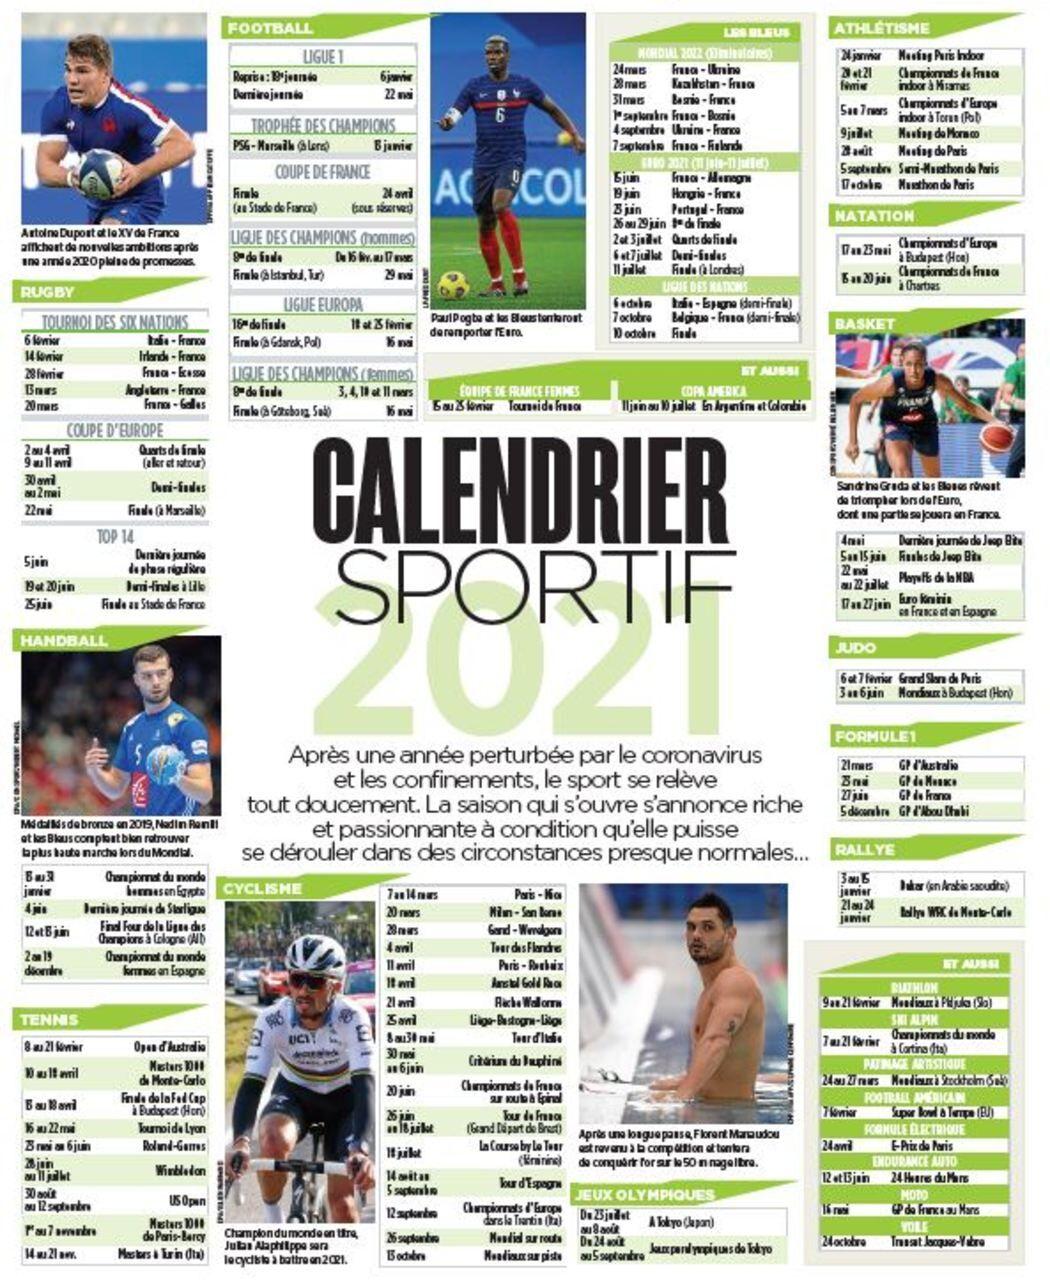 Le Calendrier Sportif 2021